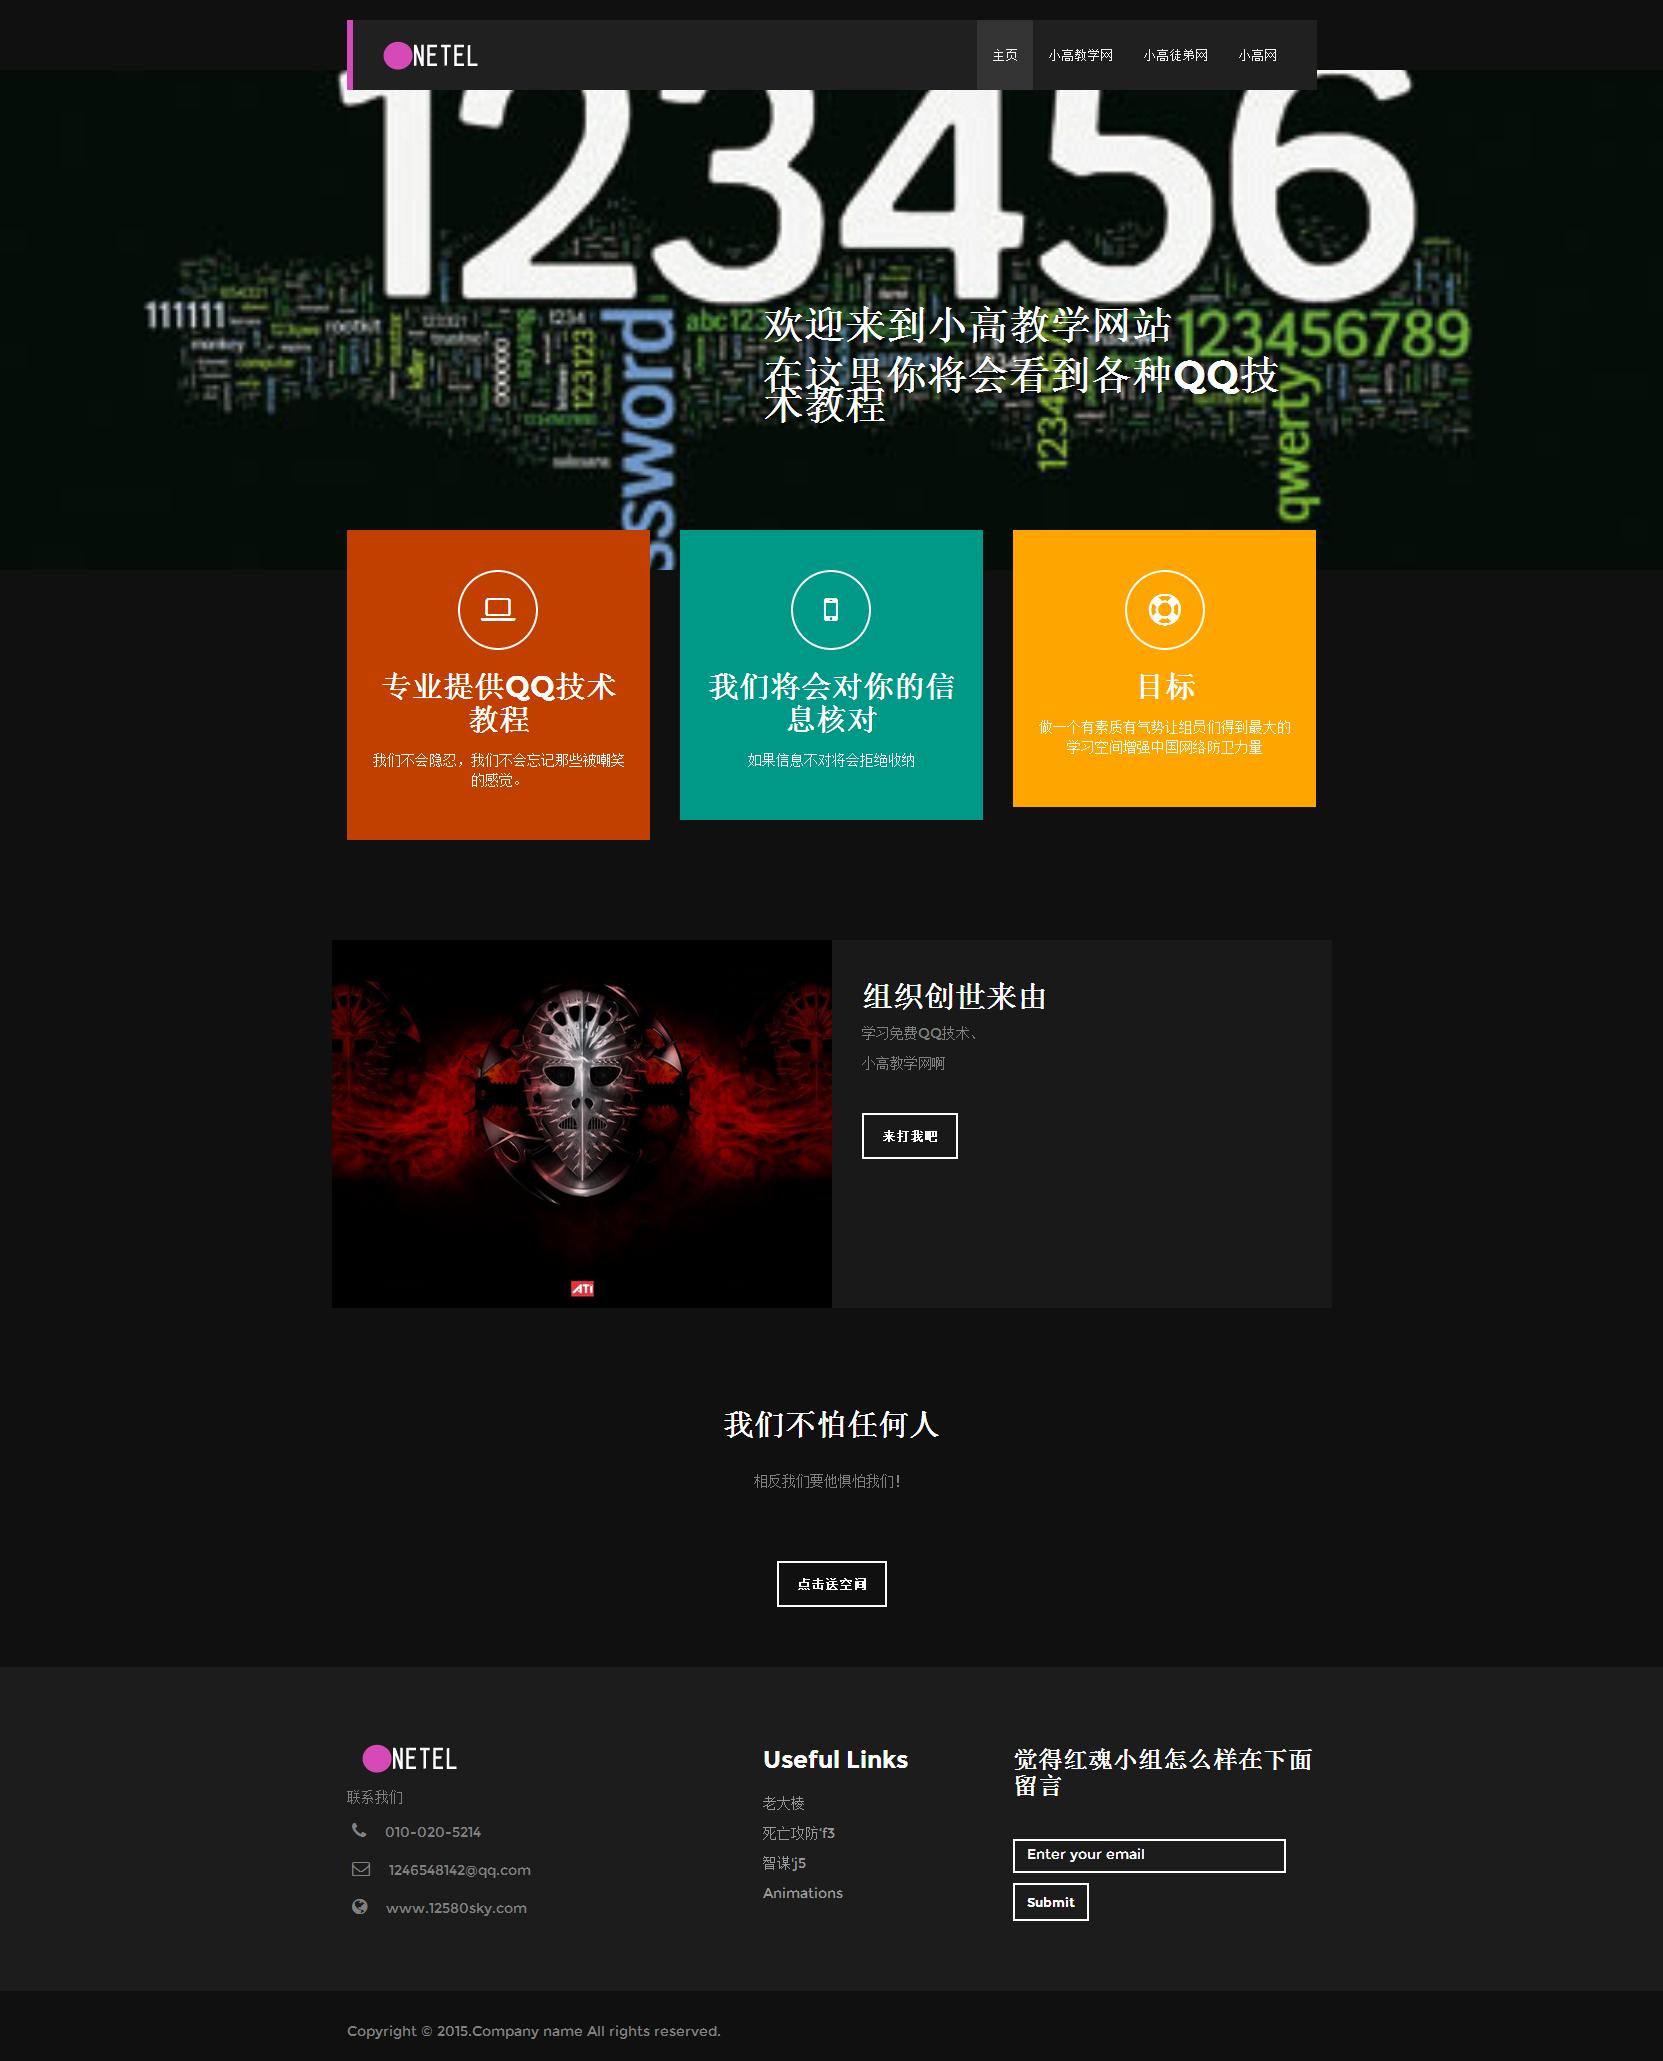 红魂小组网html源码